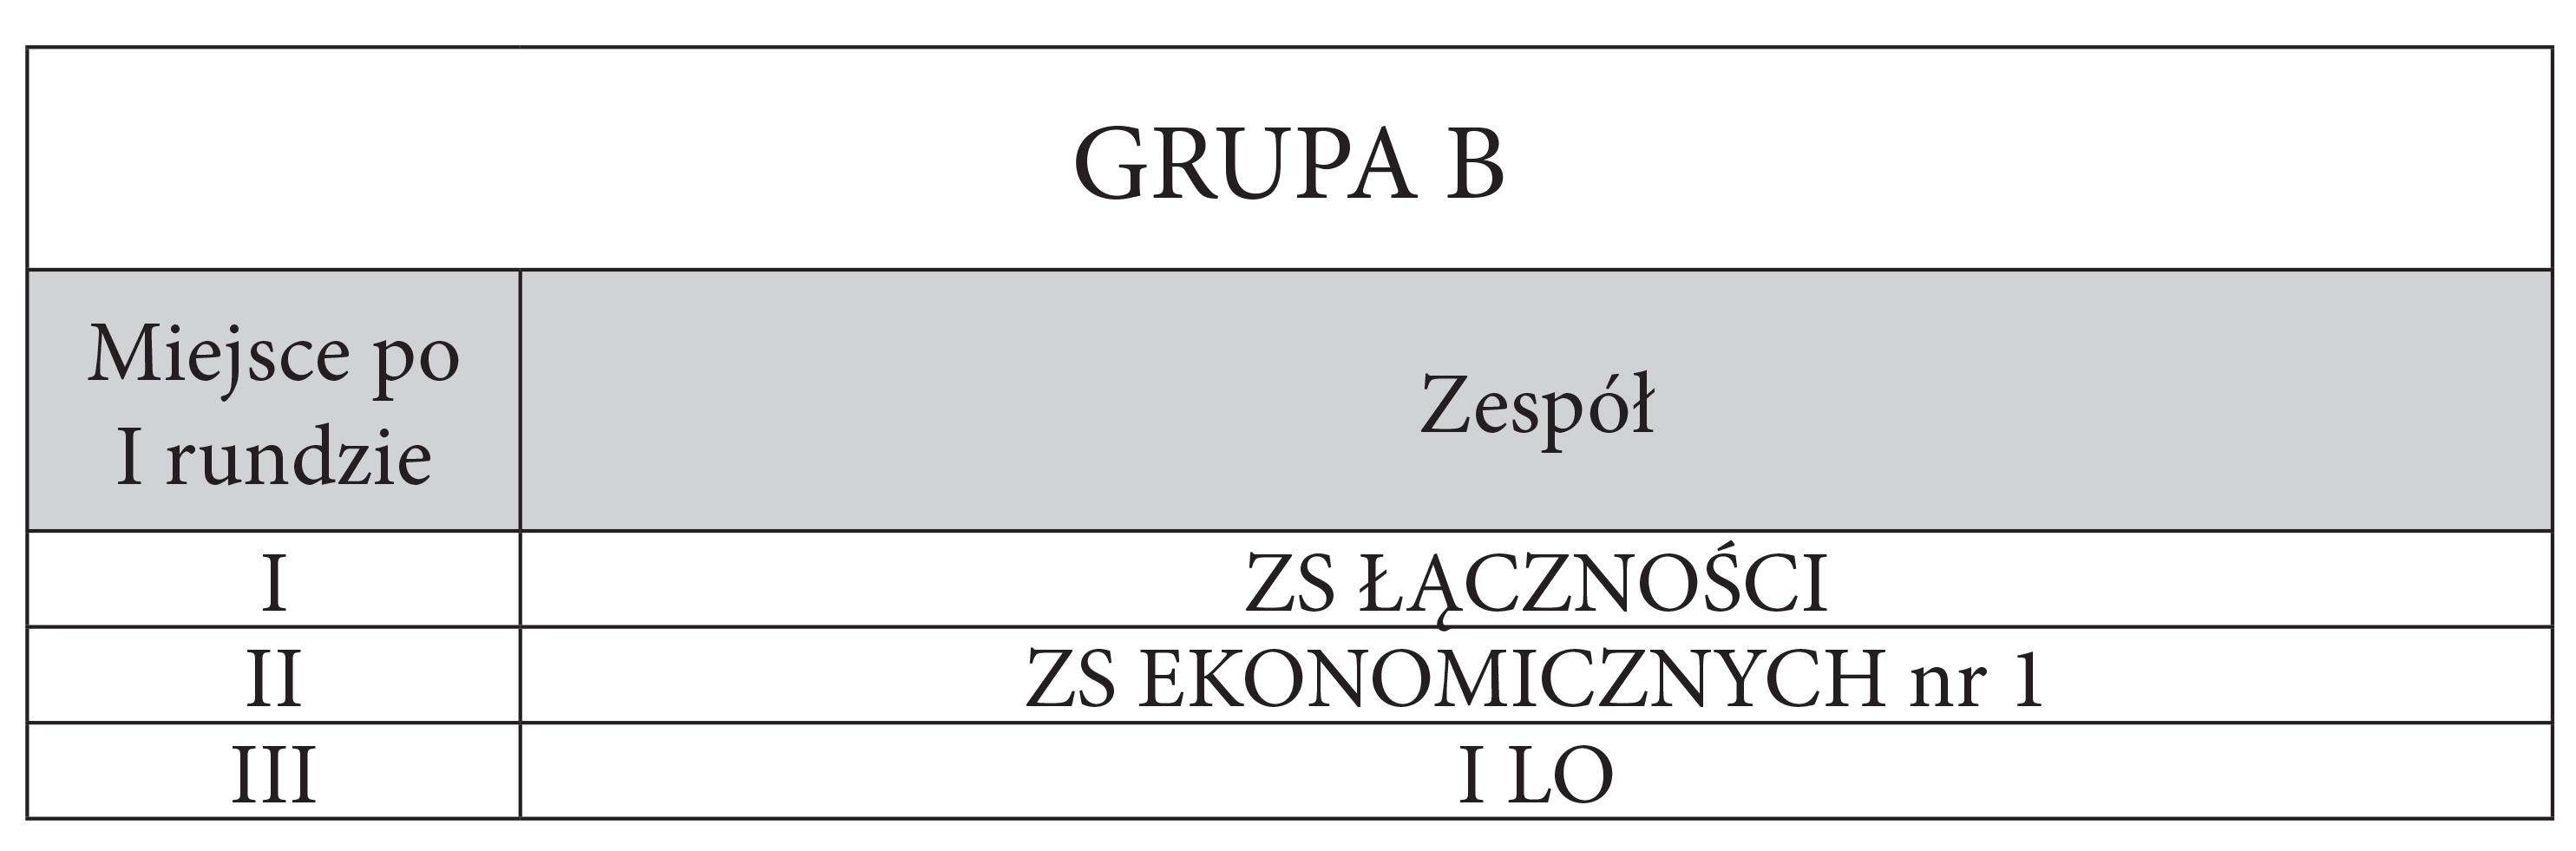 grupy_I_rzut_gr B_wyniki_tab